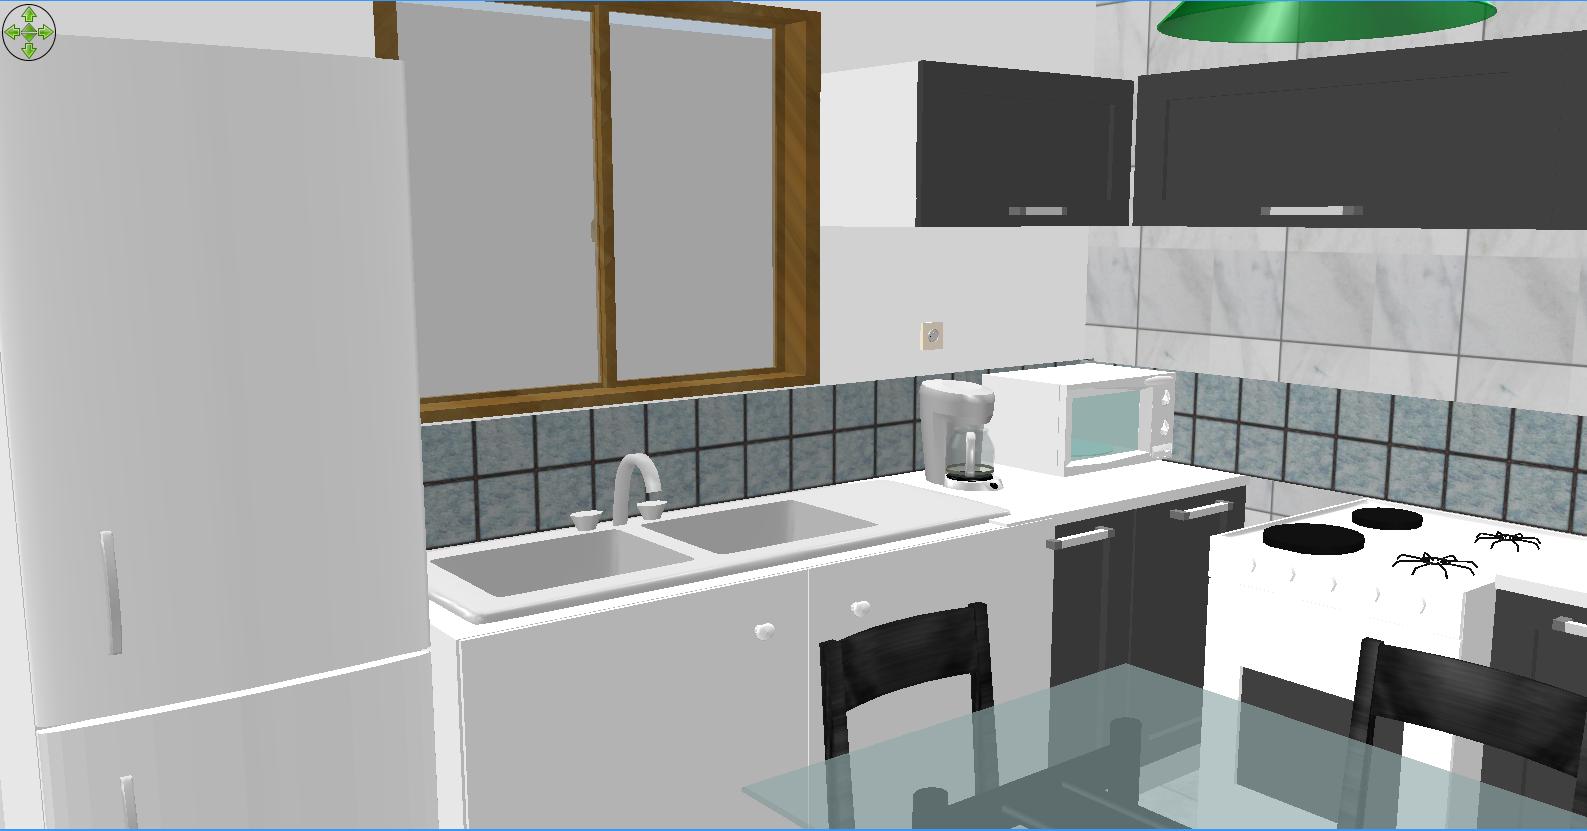 Macoi Projetos de Casas: Projeto de casa com 2 dormitórios sala  #634920 1587 831